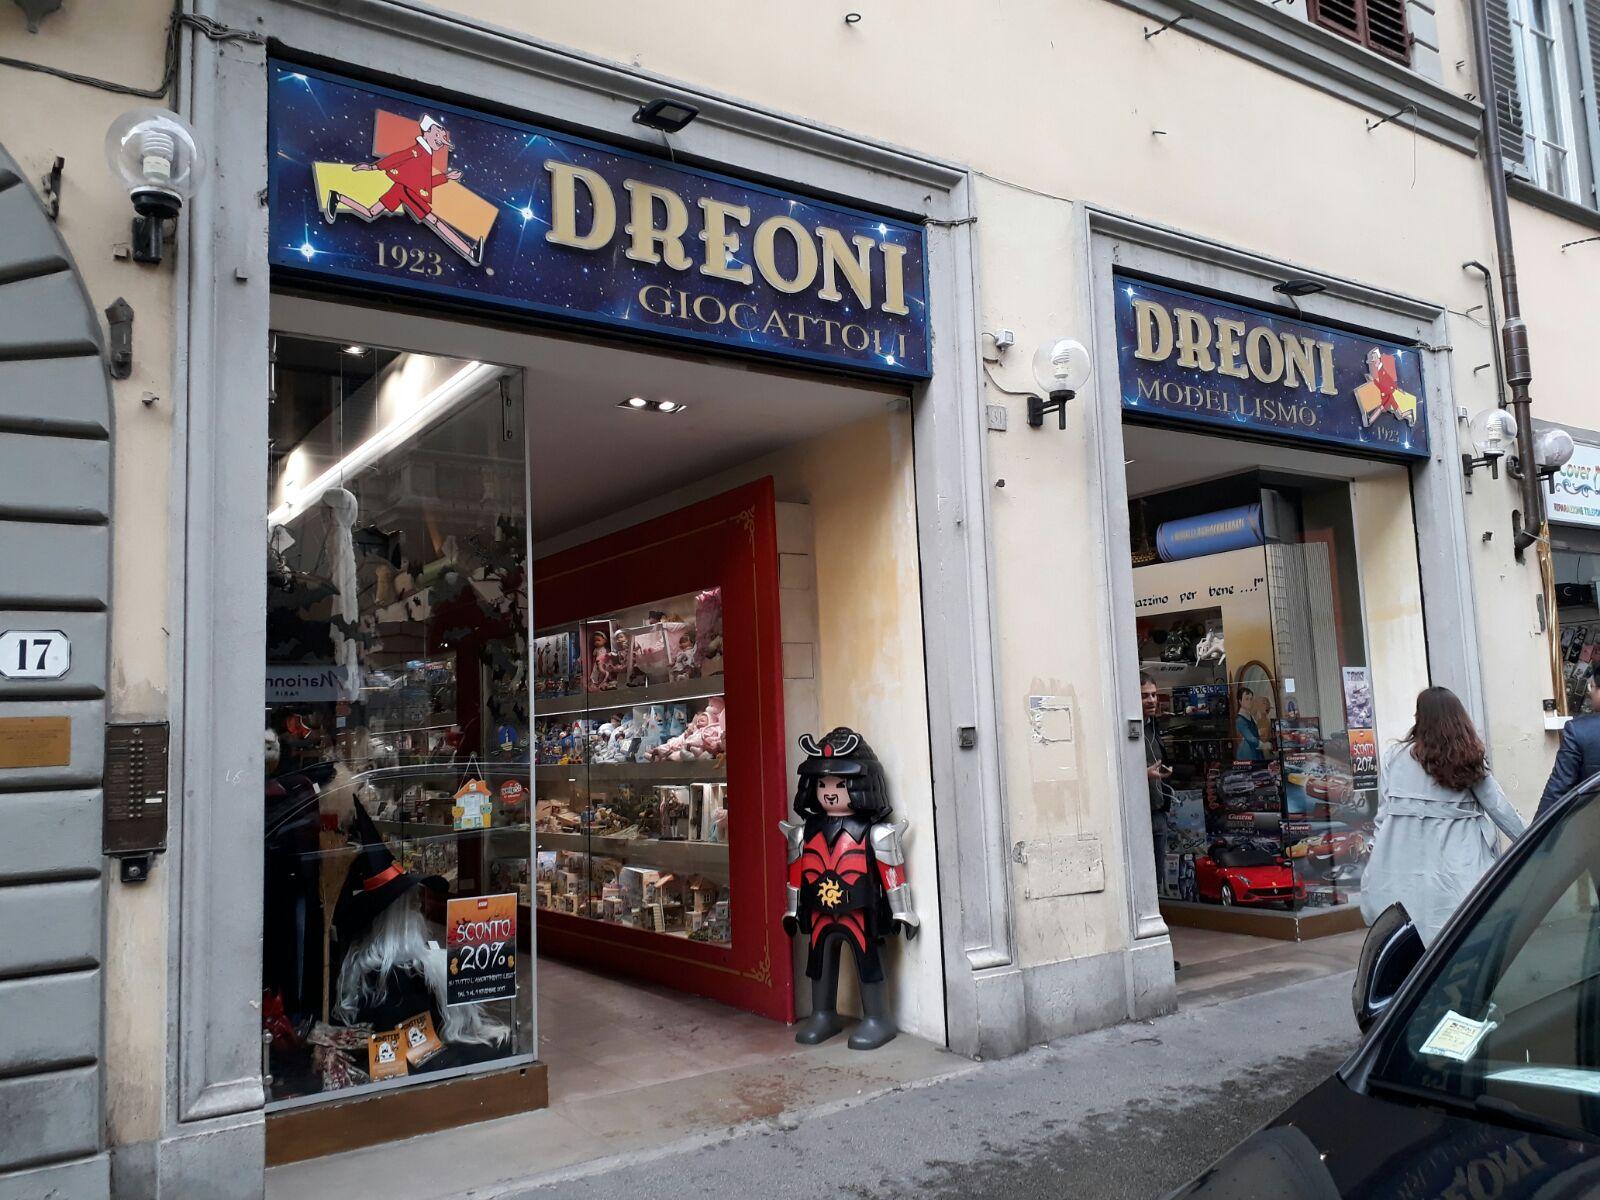 נראית חנות רגילה אבל תופתעו לגלות עד כמה היא לא (צילום: אילאיל קופלר) (צילום: אילאיל קופלר)